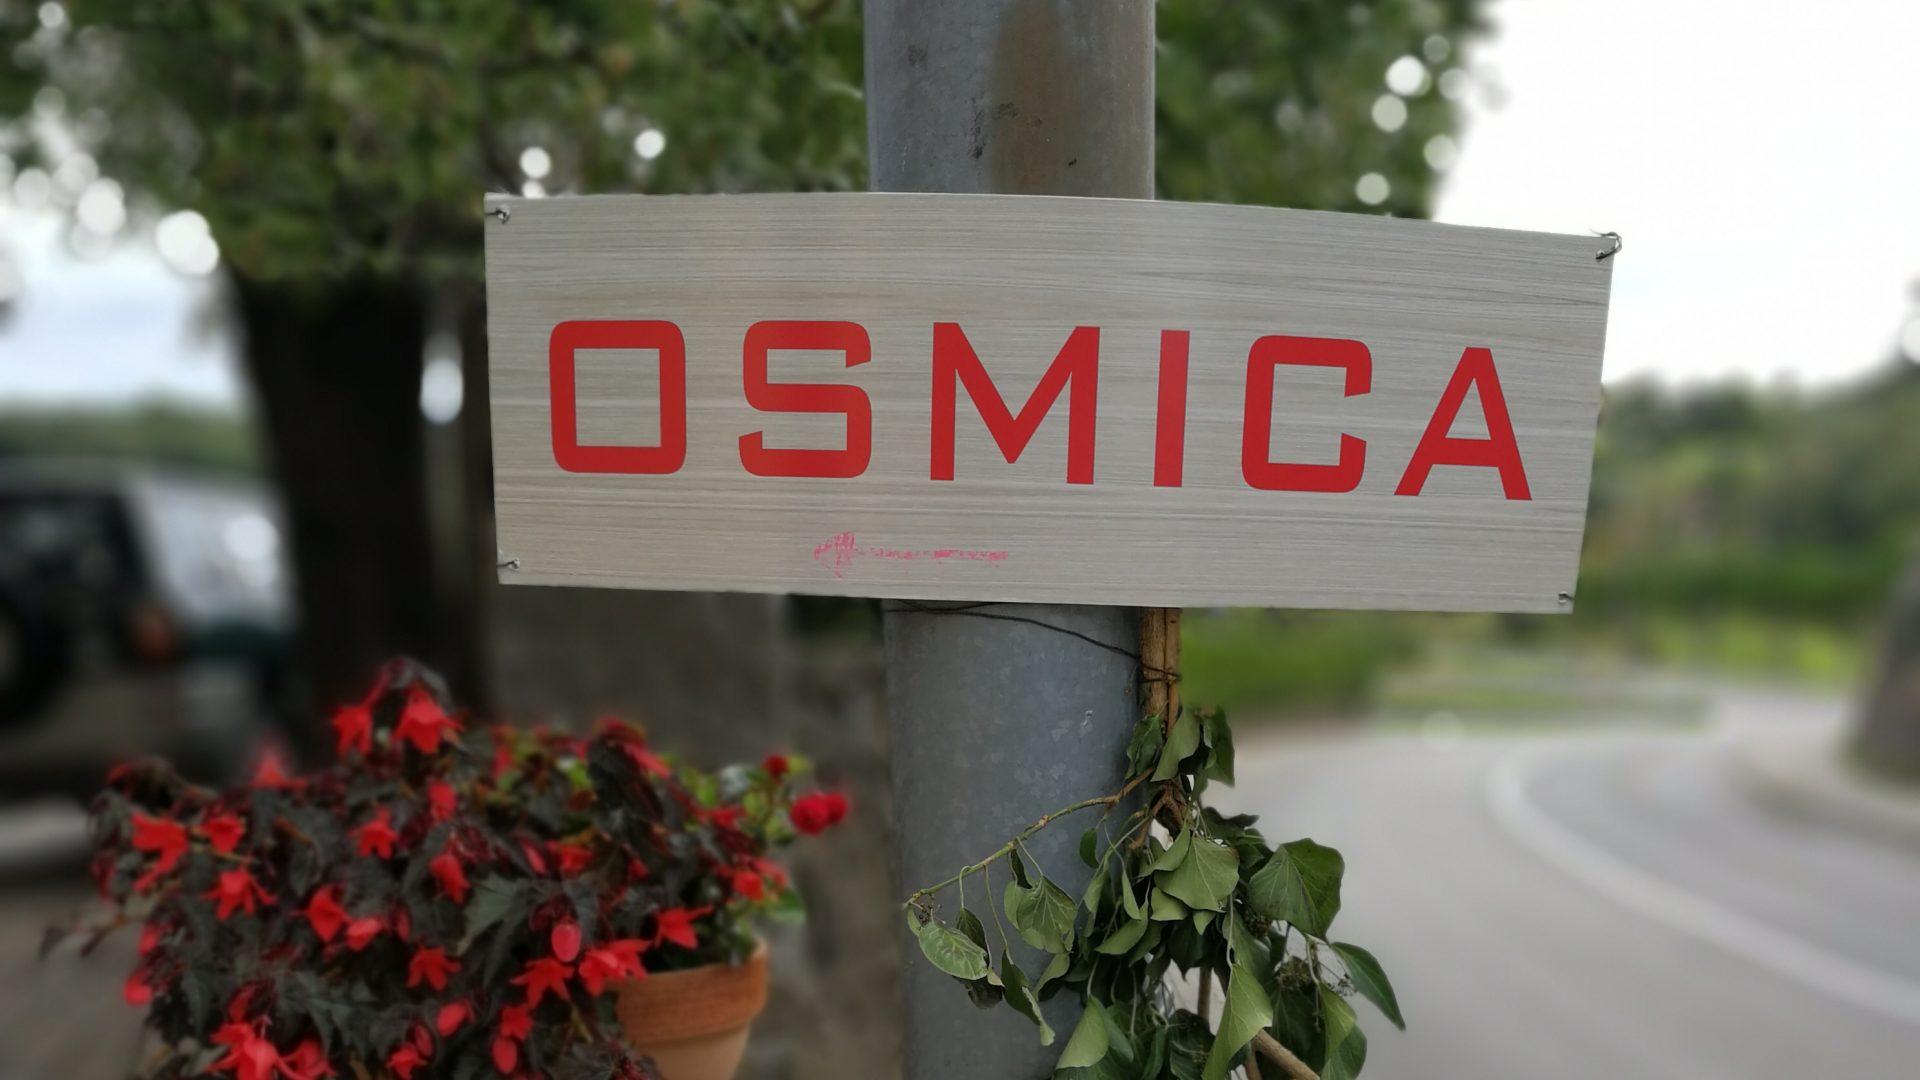 Osmice in Slovenia